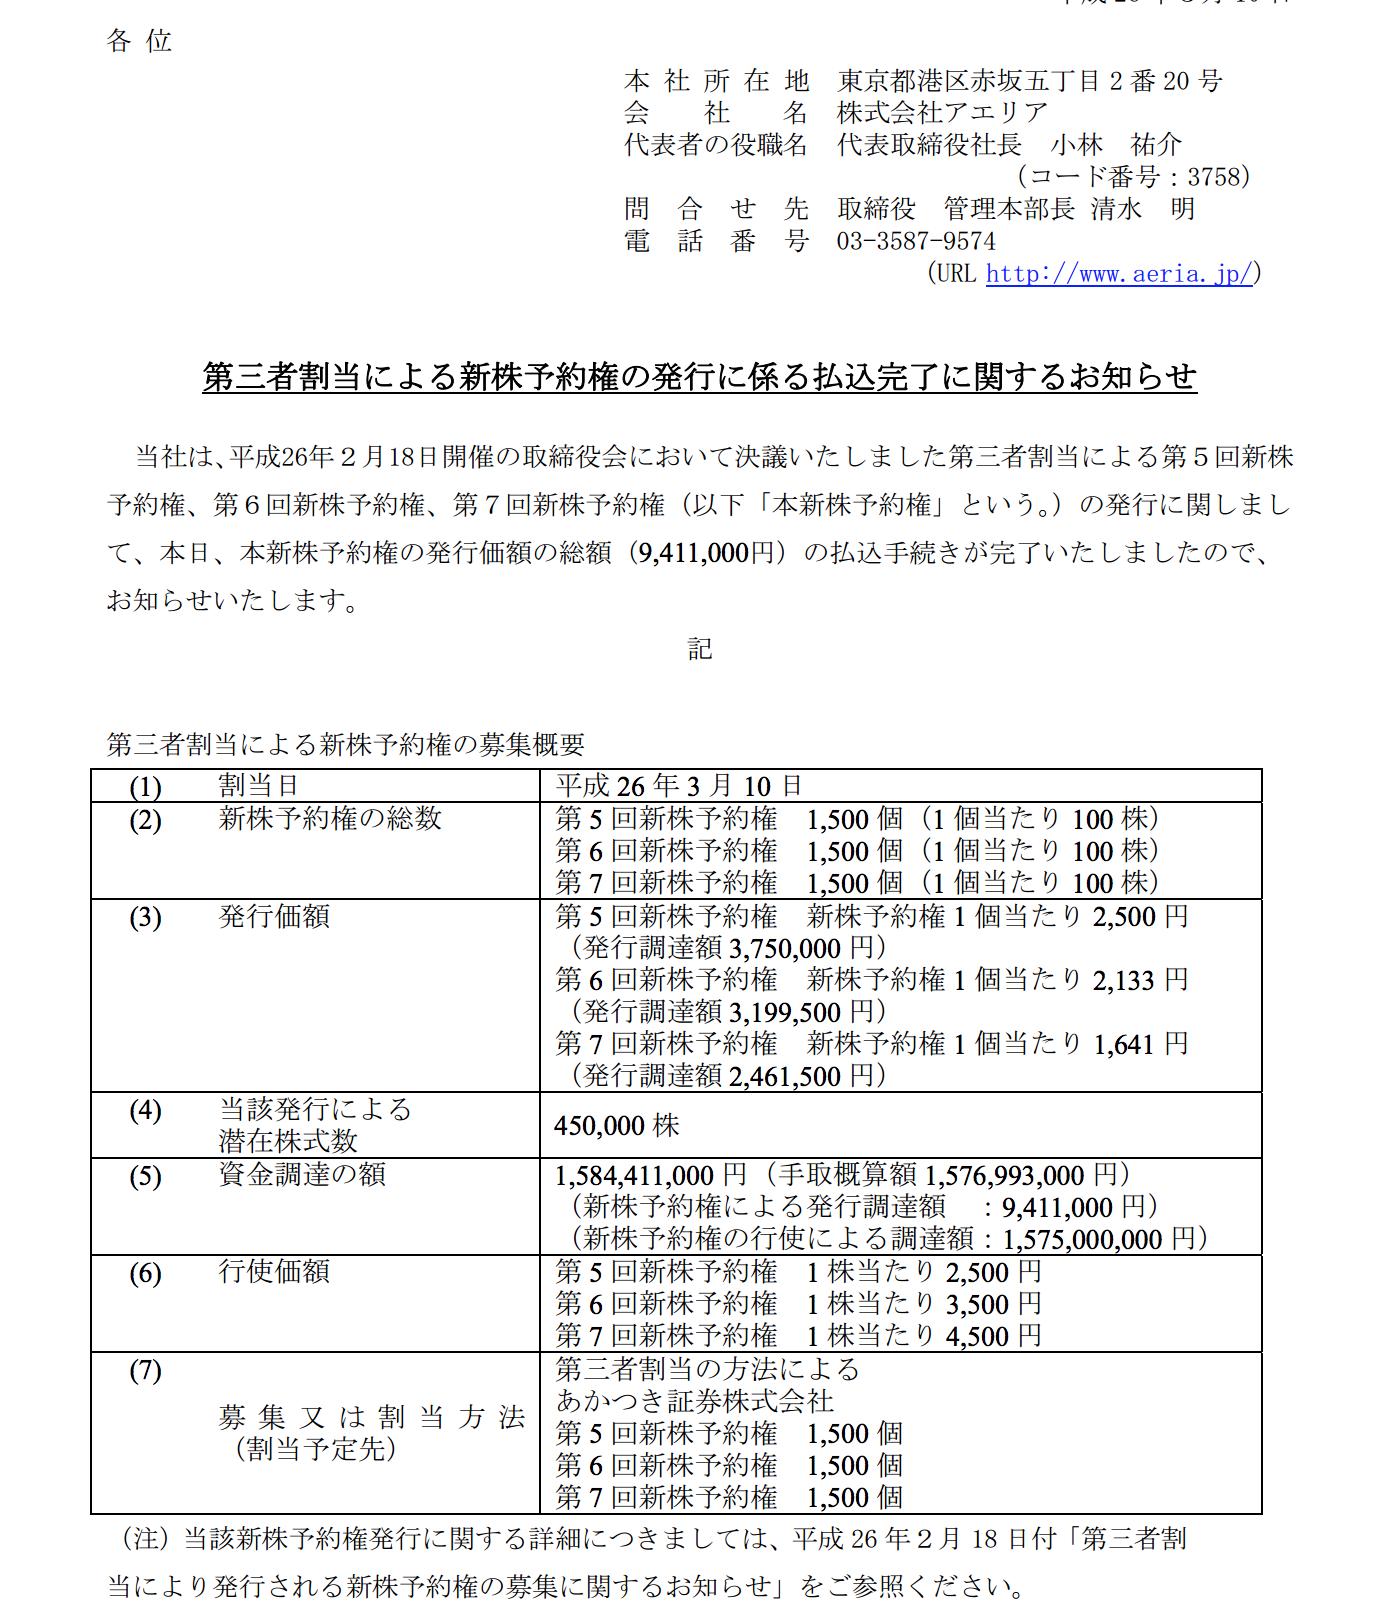 スクリーンショット 2015-02-06 16.04.35